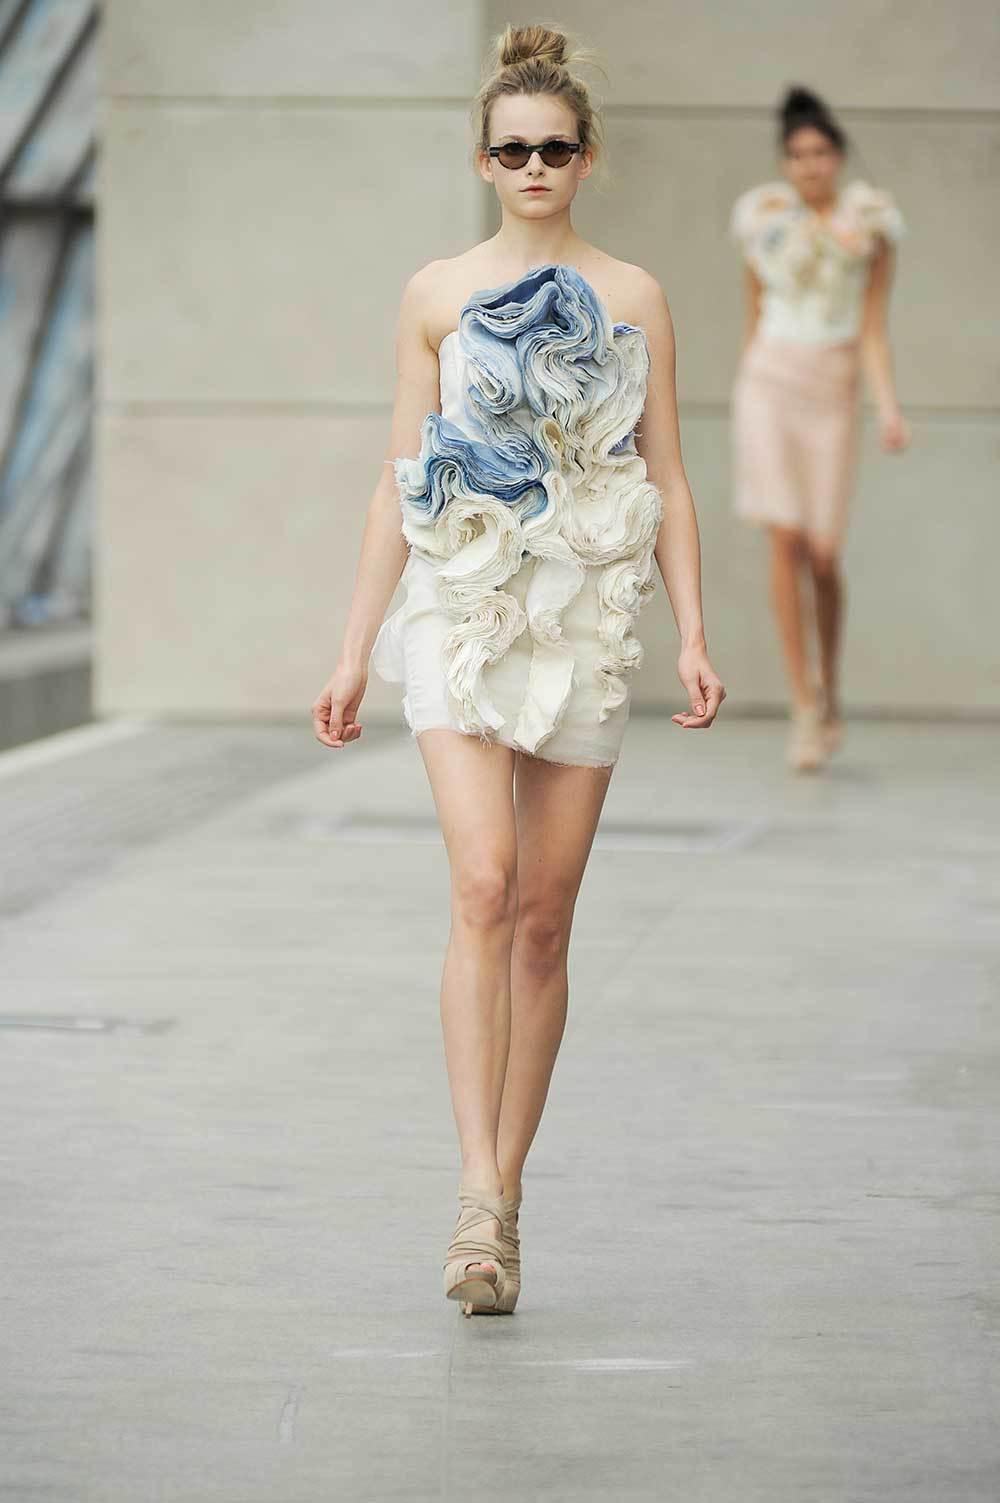 Felicity-Brown-SS11-05-Quartz-Ruffle-Dress.jpg